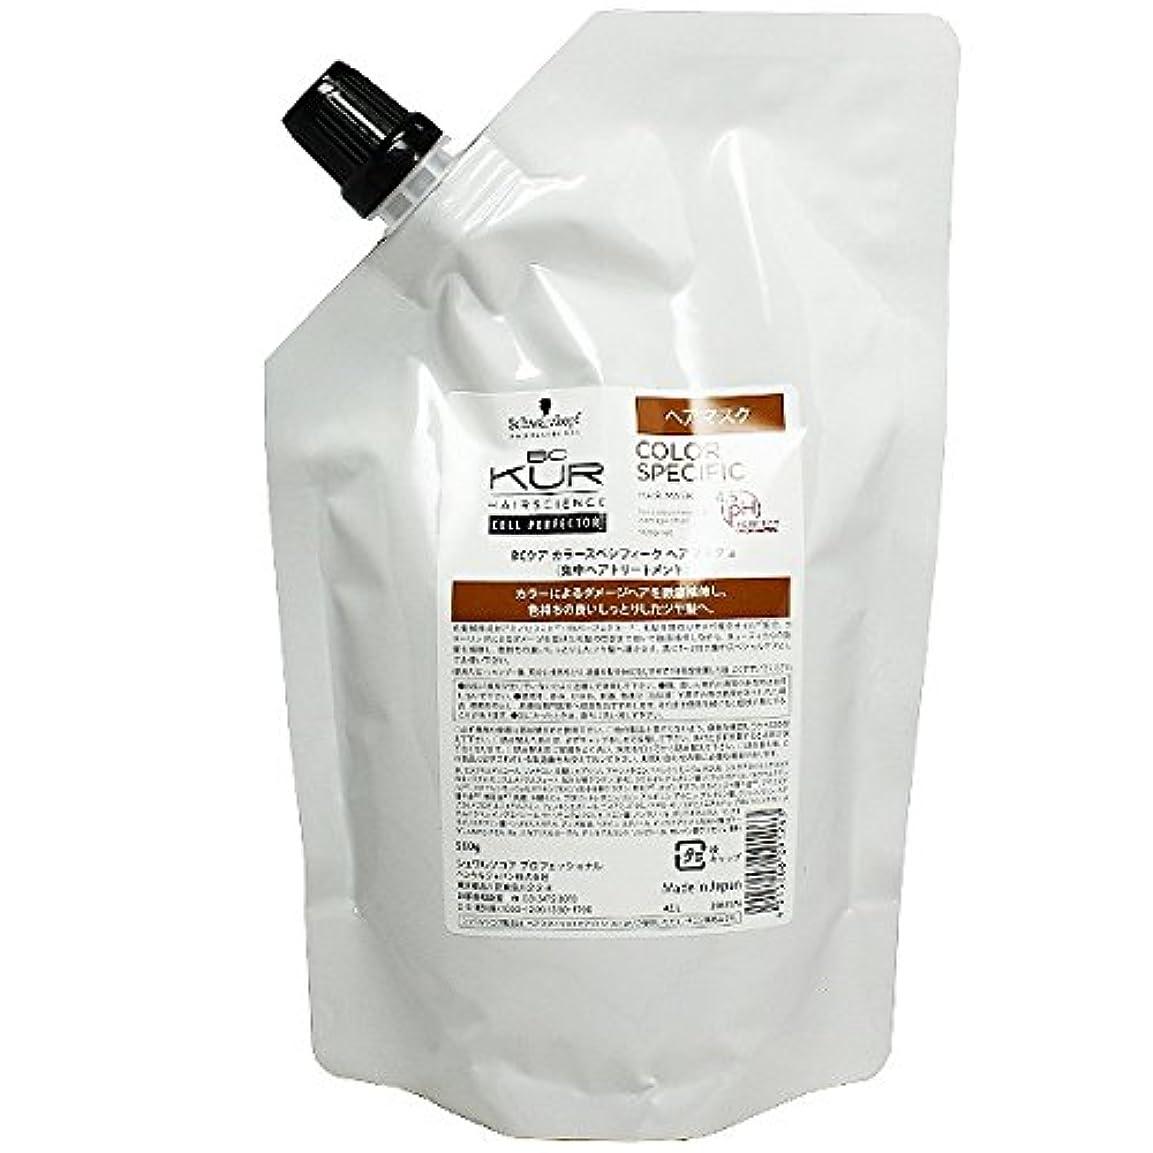 消化器形成糞シュワルツコフ BCクア カラースペシフィーク ヘアマスクa 500g(詰替)